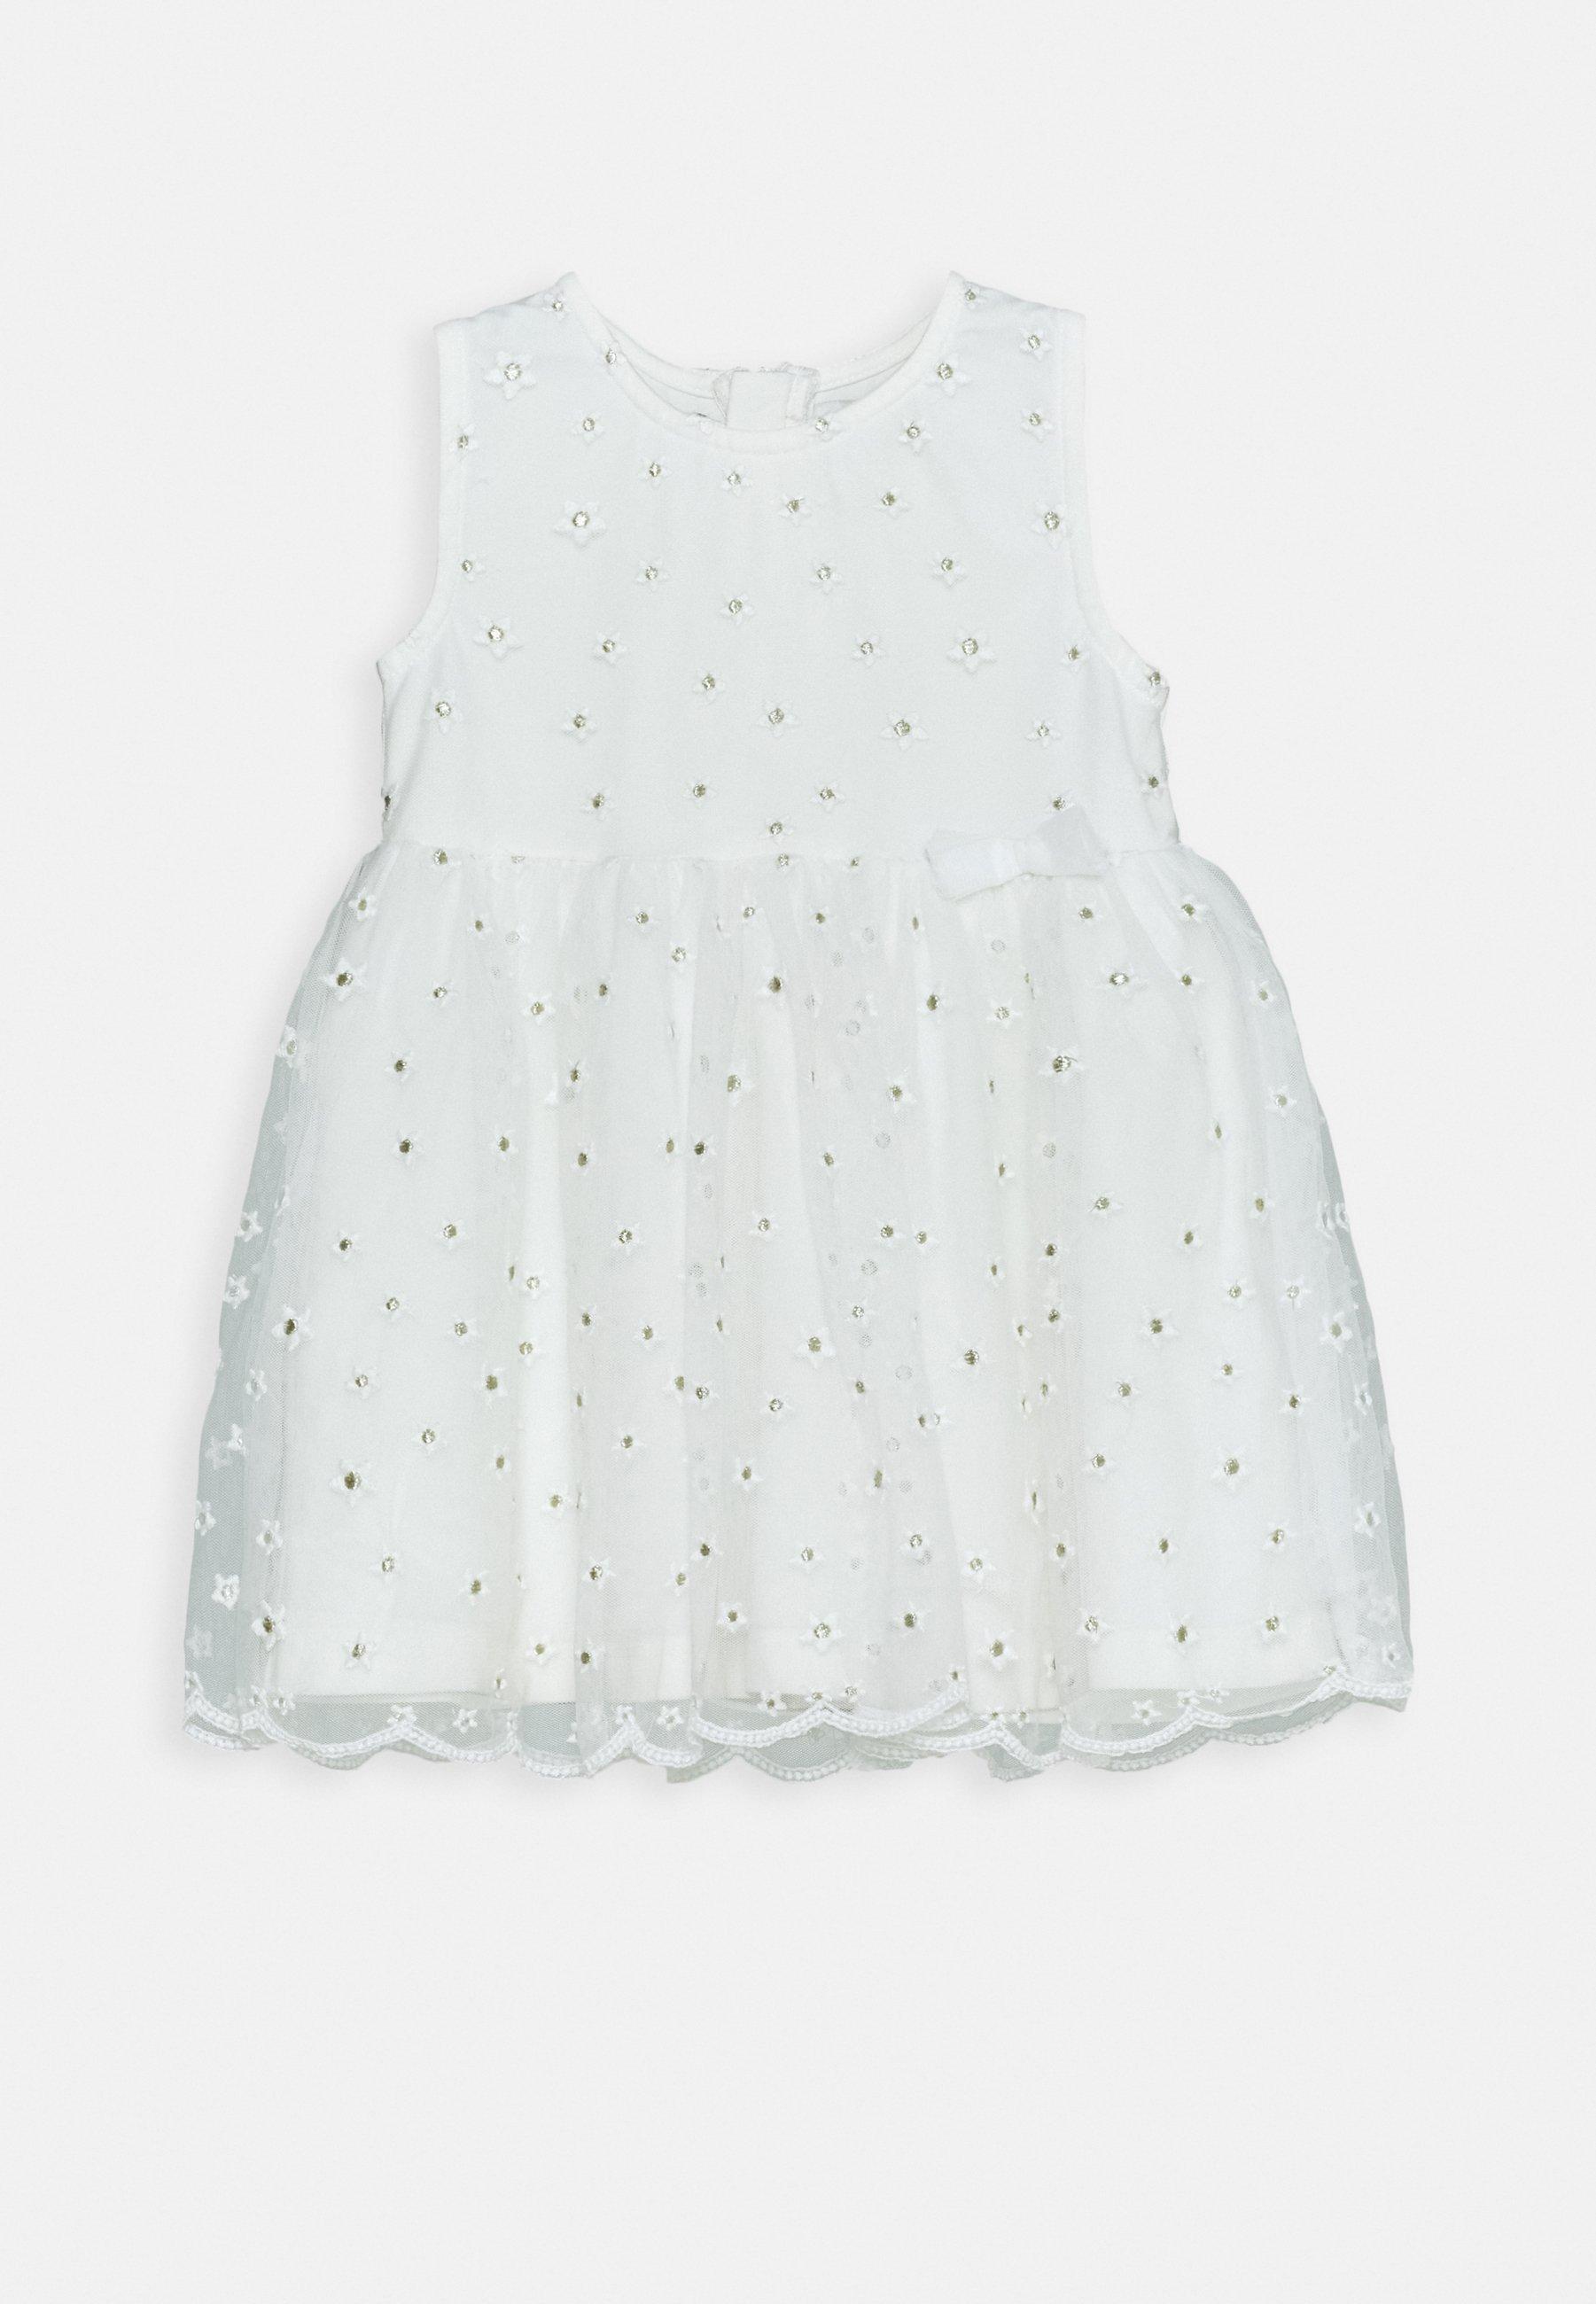 Cocktailkleid/festliches Kleid   offwhite